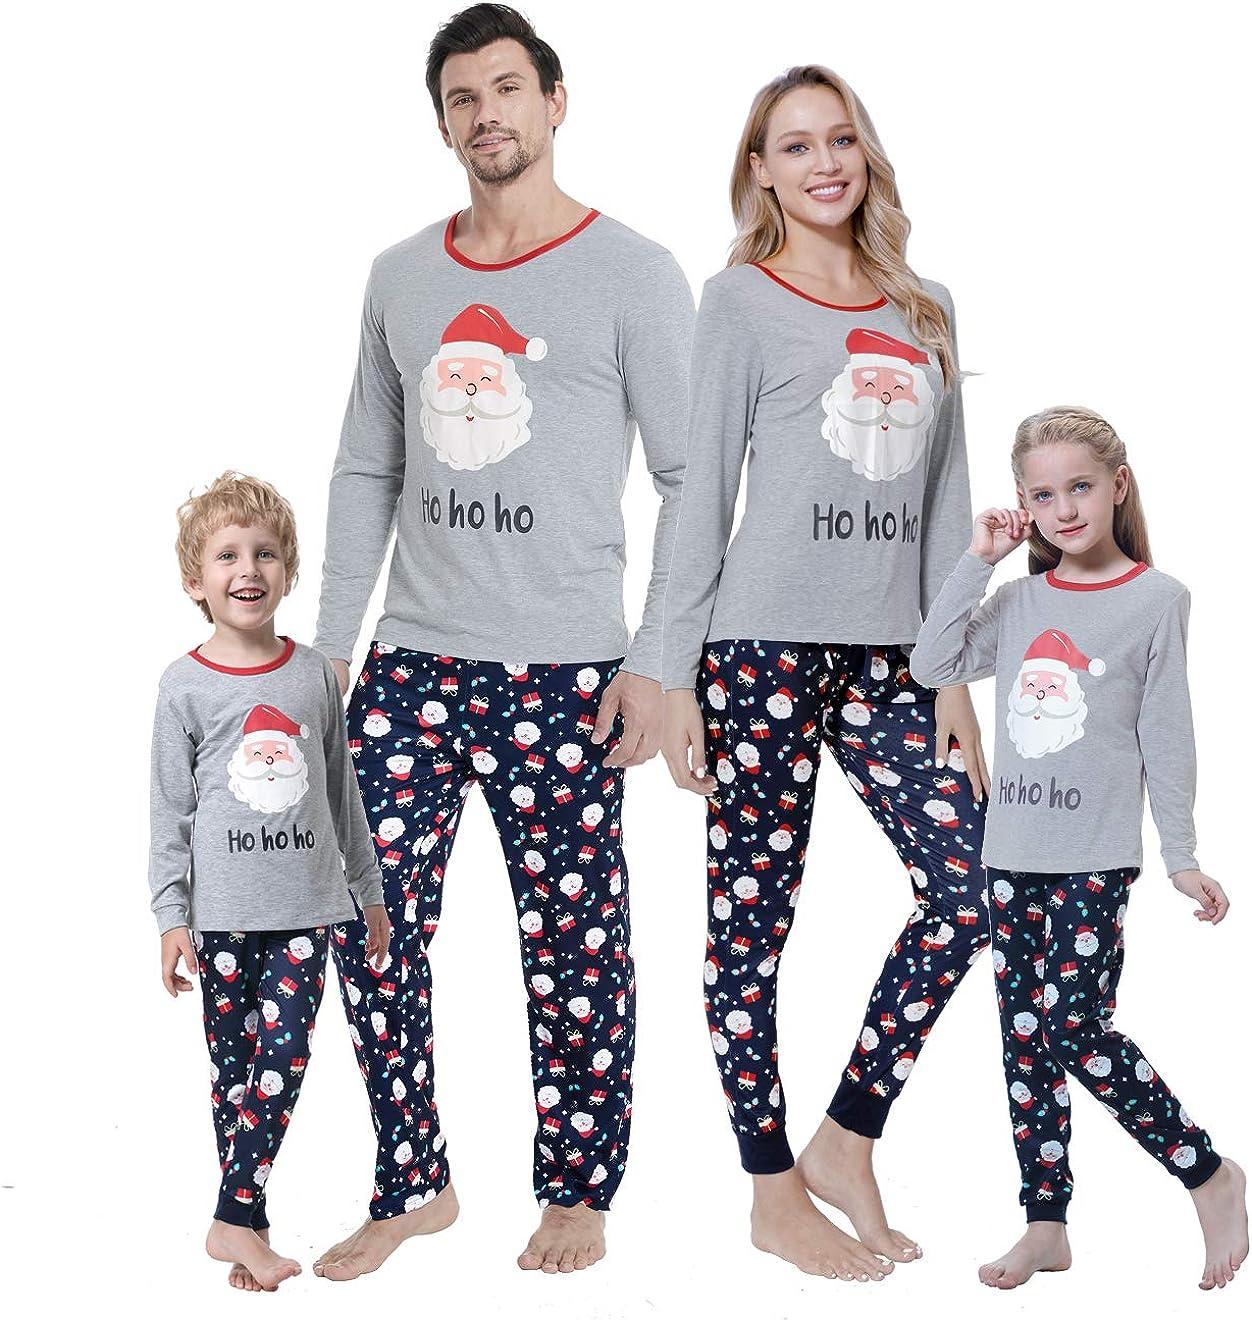 Tianbi Conjunto de Pijamas de Navidad Familiar Conjunto de Pijamas a Juego de La Familia de Navidad de Hadas Ropa de Dormir para Ni/ños Adultos Ropa de Dormir Accesorios de Fotograf/ía